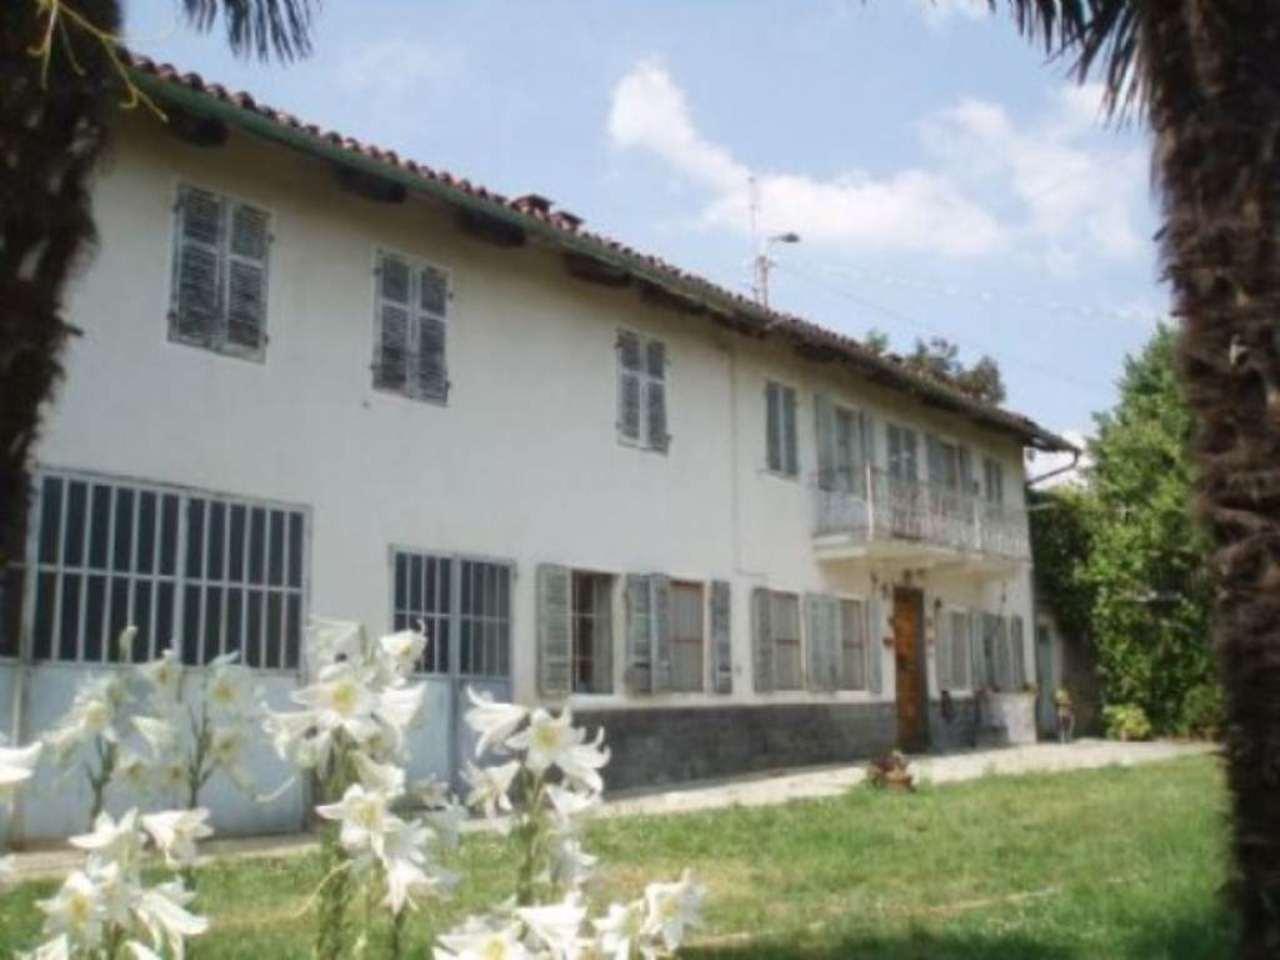 Rustico / Casale in vendita a Castelnuovo Don Bosco, 6 locali, prezzo € 165.000 | Cambio Casa.it